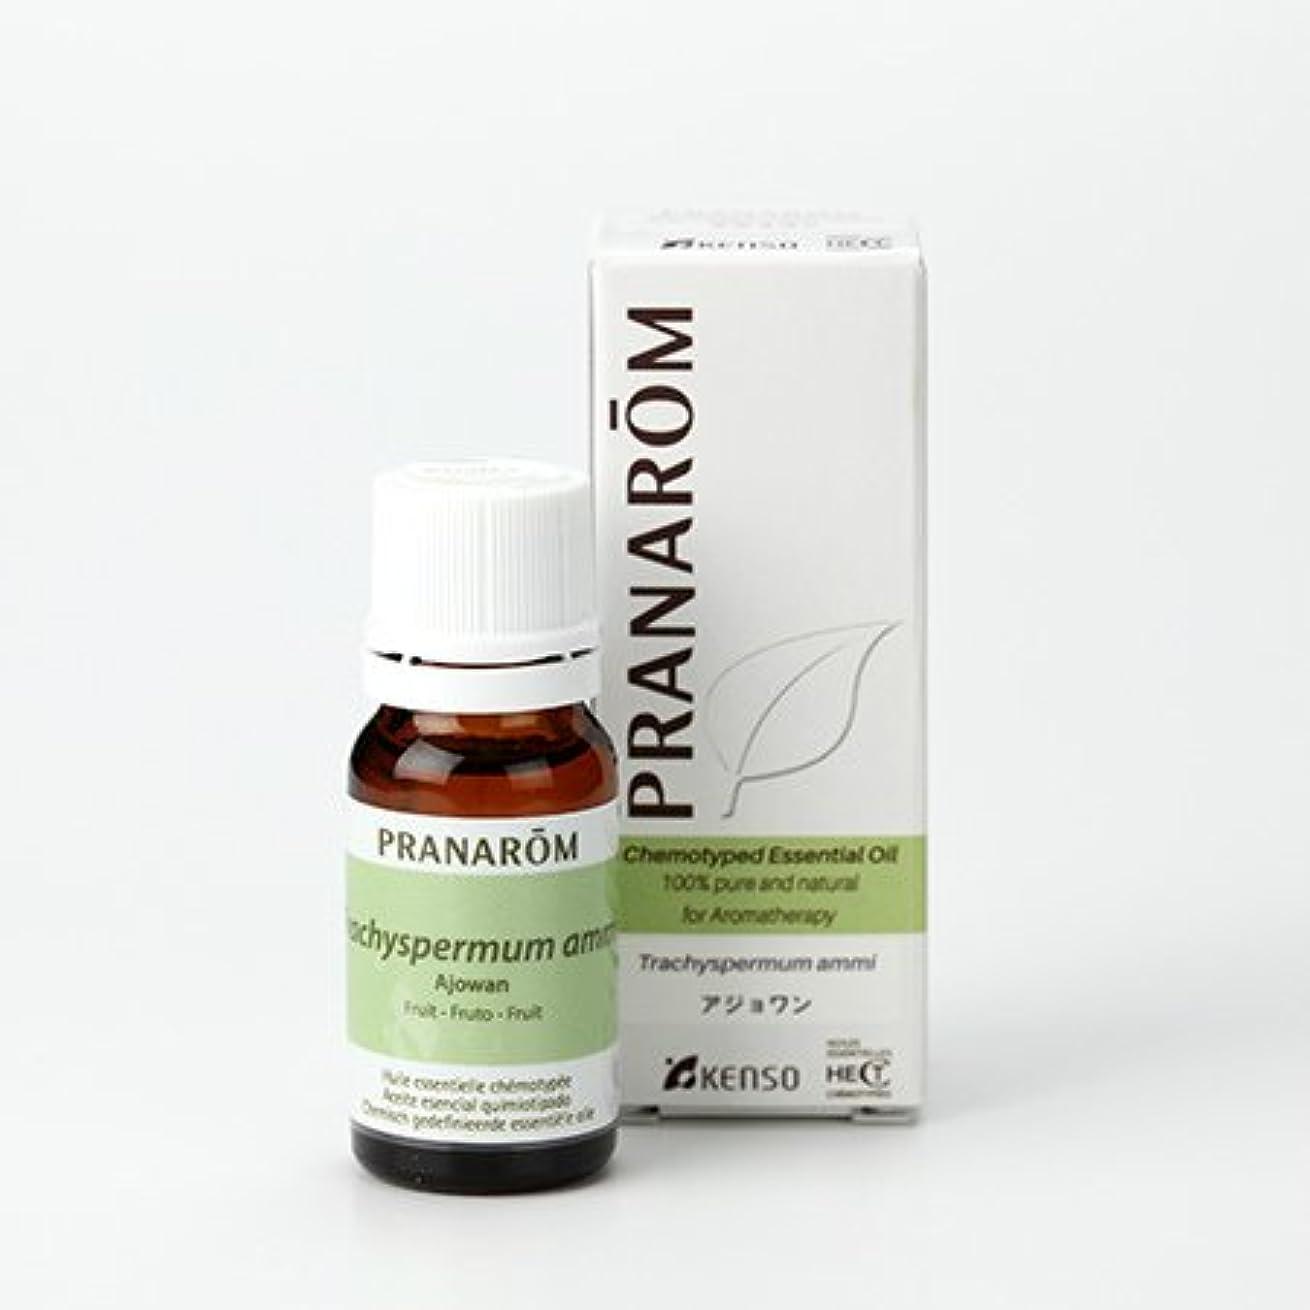 プラナロム アジョワン 10ml (PRANAROM ケモタイプ精油)